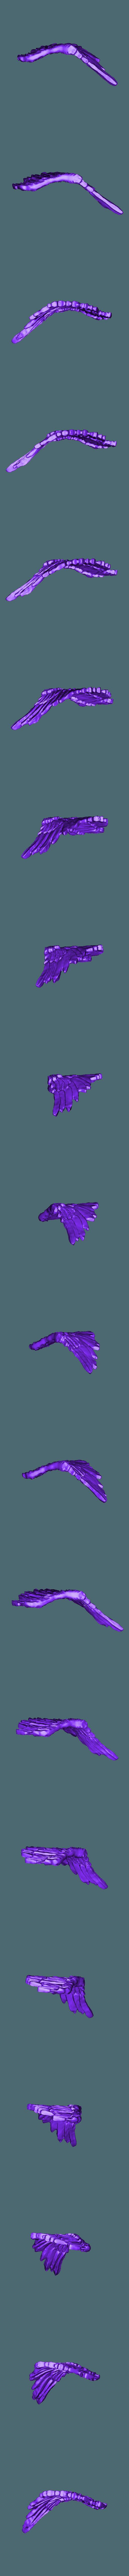 archangel_wing1.stl Télécharger fichier STL gratuit Miniature d'un archange • Design pour imprimante 3D, Ilhadiel